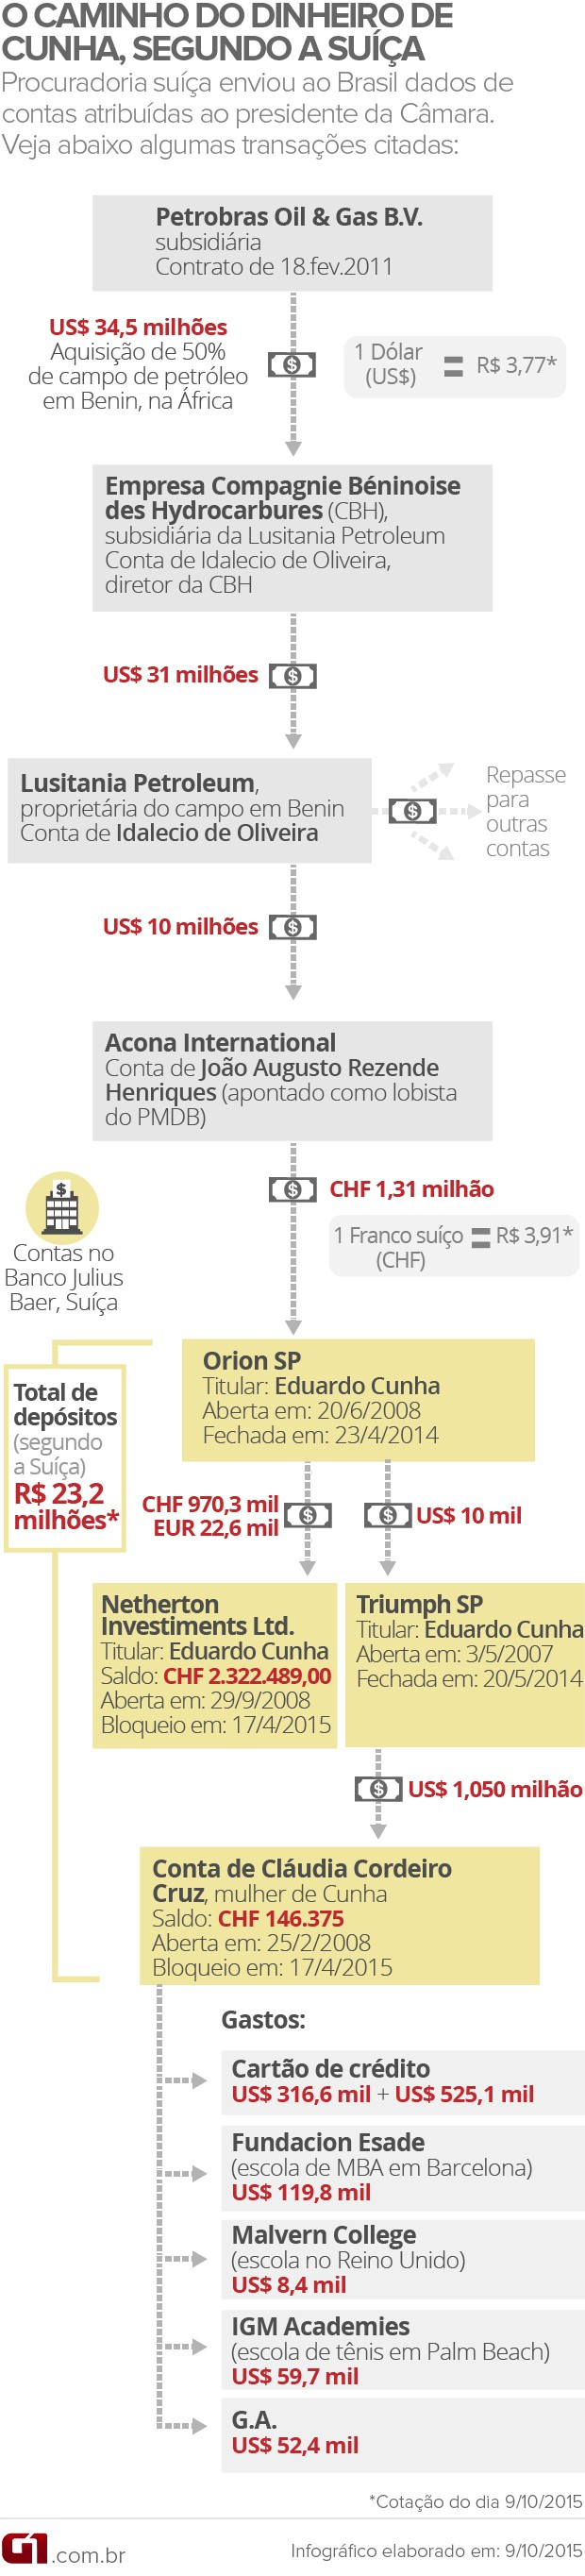 O caiminho do dinheiro atribuído a Eduardo Cunha (VALE ESTA 2) (Foto: Editoria de Arte / G1)